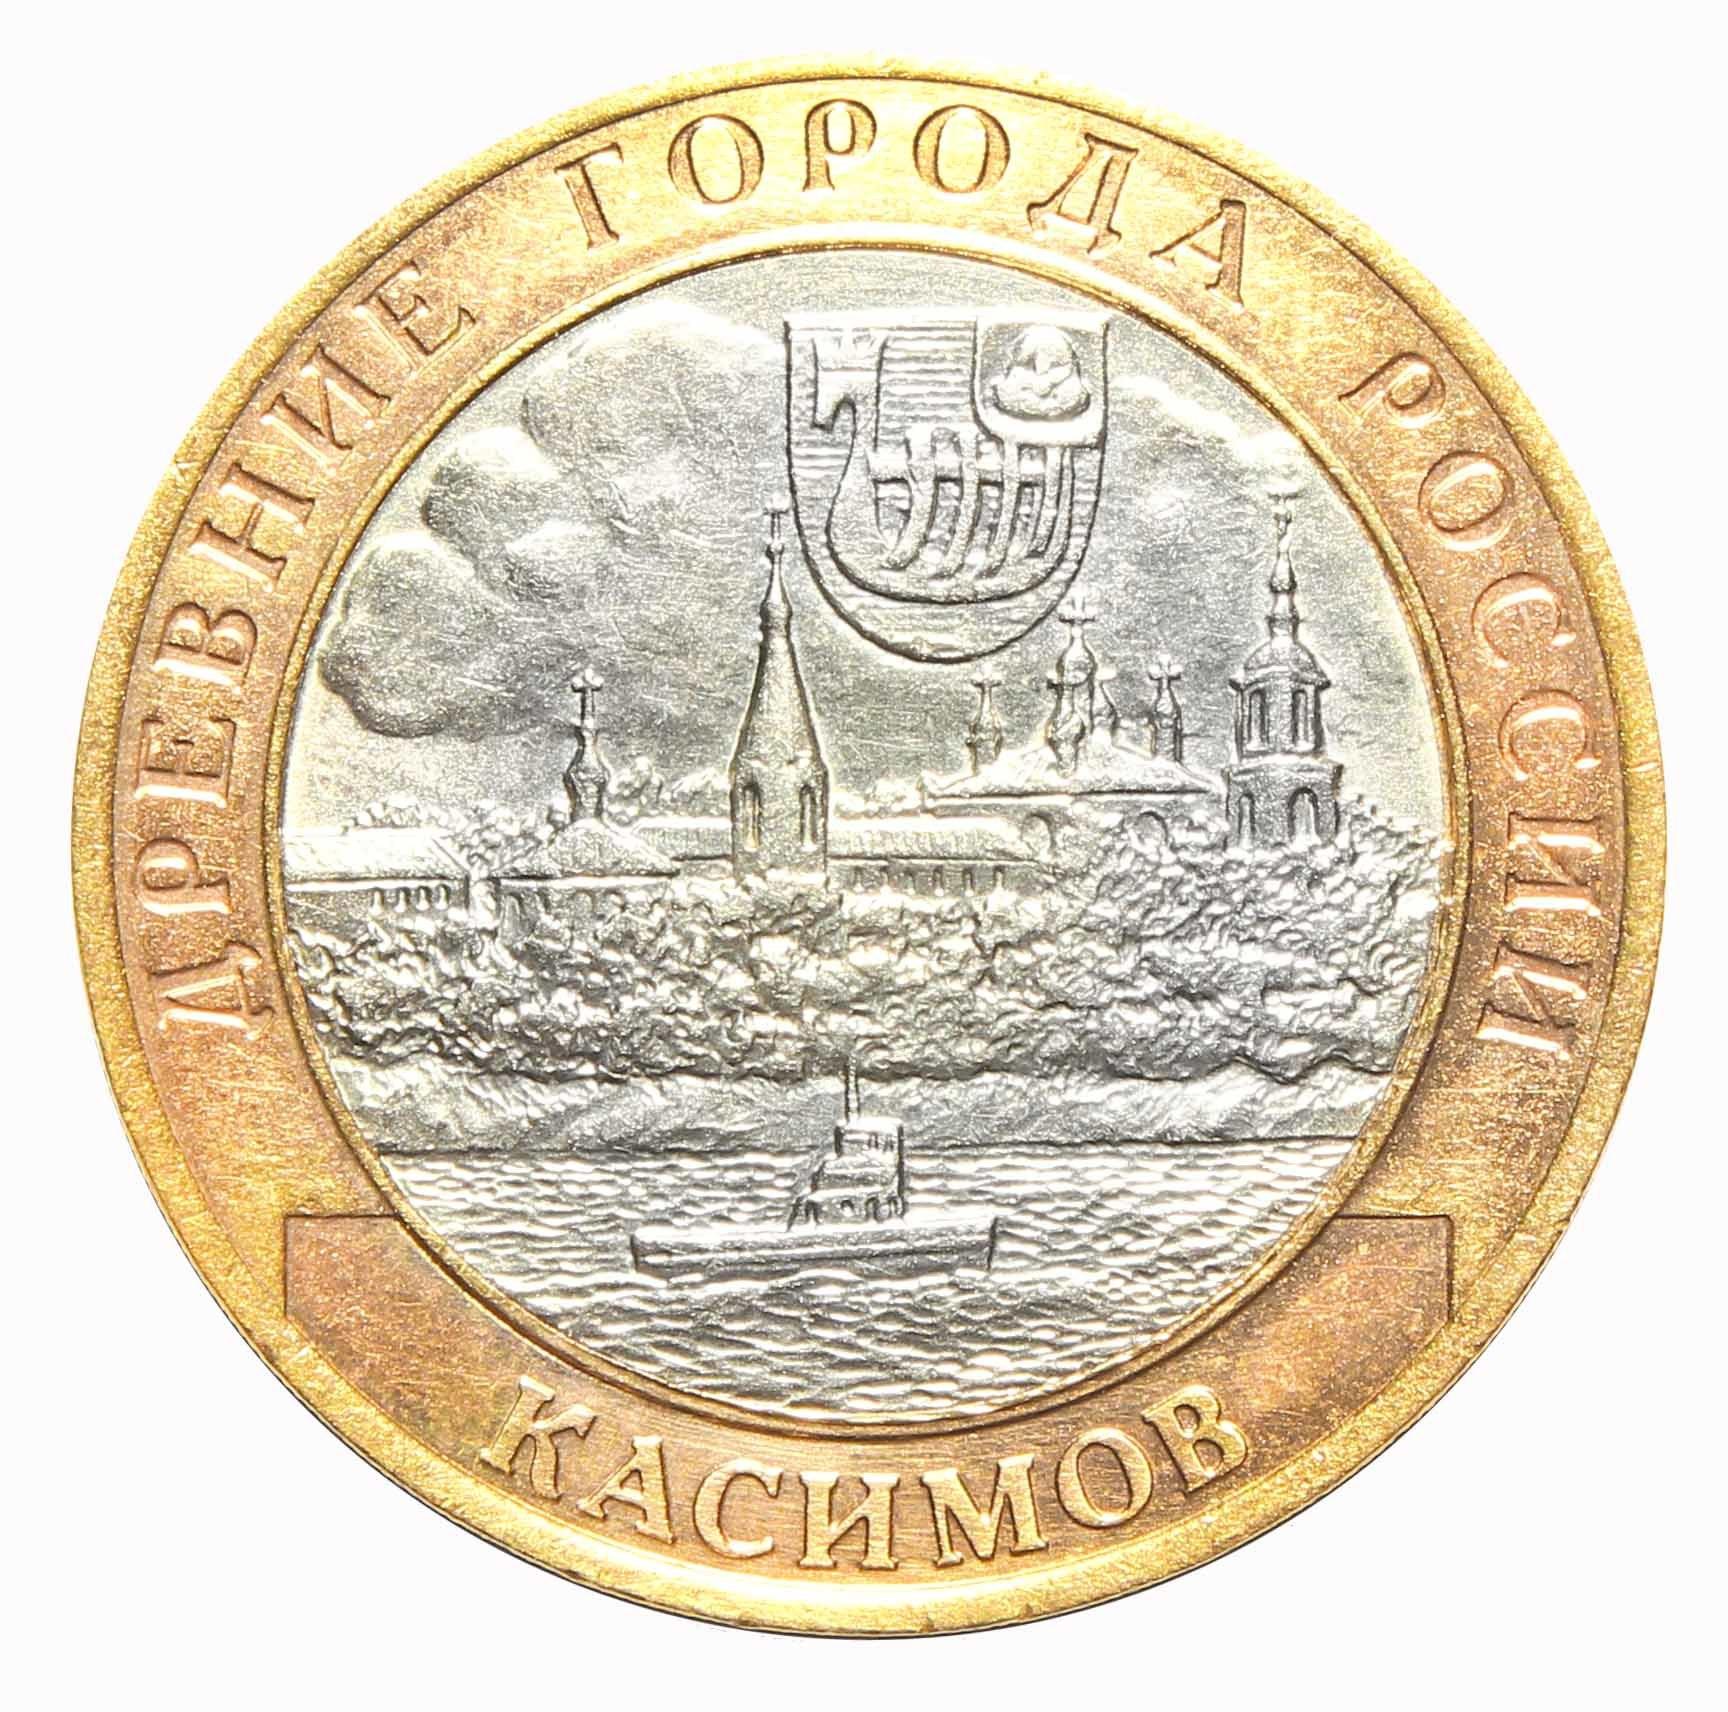 10 рублей Касимов 2003 год